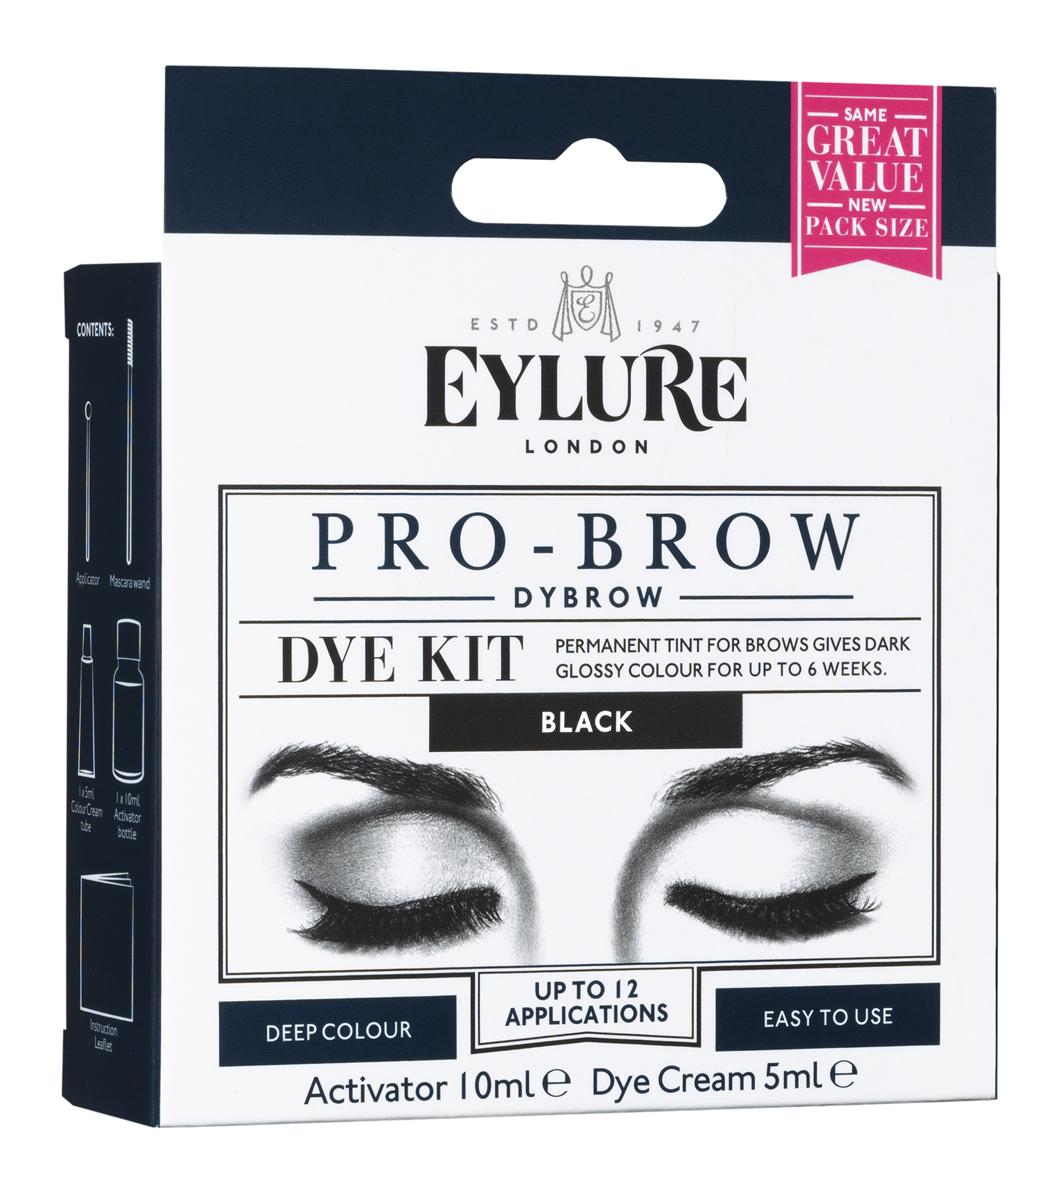 Eylure Dybrow Black Краска для бровей черная Объем: Проявитель 10 мл, Крем-краска 5 мл.5301001Стойкая краска создает яркий, насыщенный цвет бровей, который будет держаться до 45 дней. Шелковистый цвет и специальная разработка Easy-Mix позволяет легко работать с цветом для бровей. Каждый комплект включает в себя щеточку для нанесения, аппликатор и емкость для смешивания и дает возможность использования до 12 раз. Краска доступна в черном и темно-коричневом оттенке.